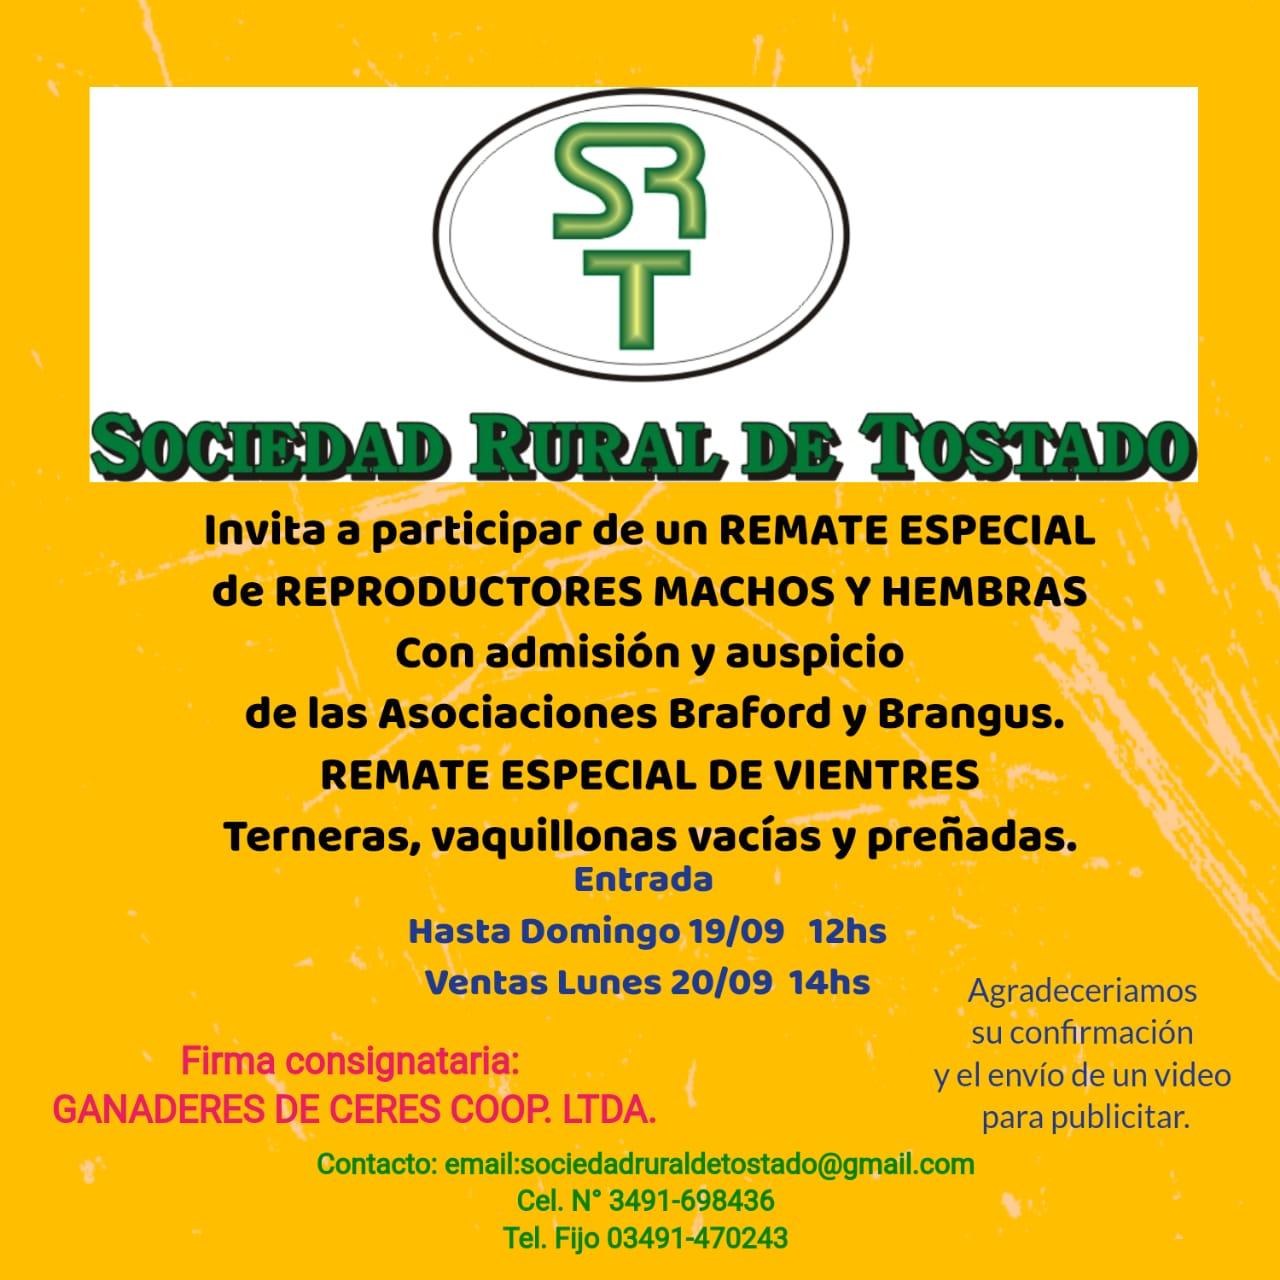 2021.09.20-Remate-Sociedad-Rural-Tostado